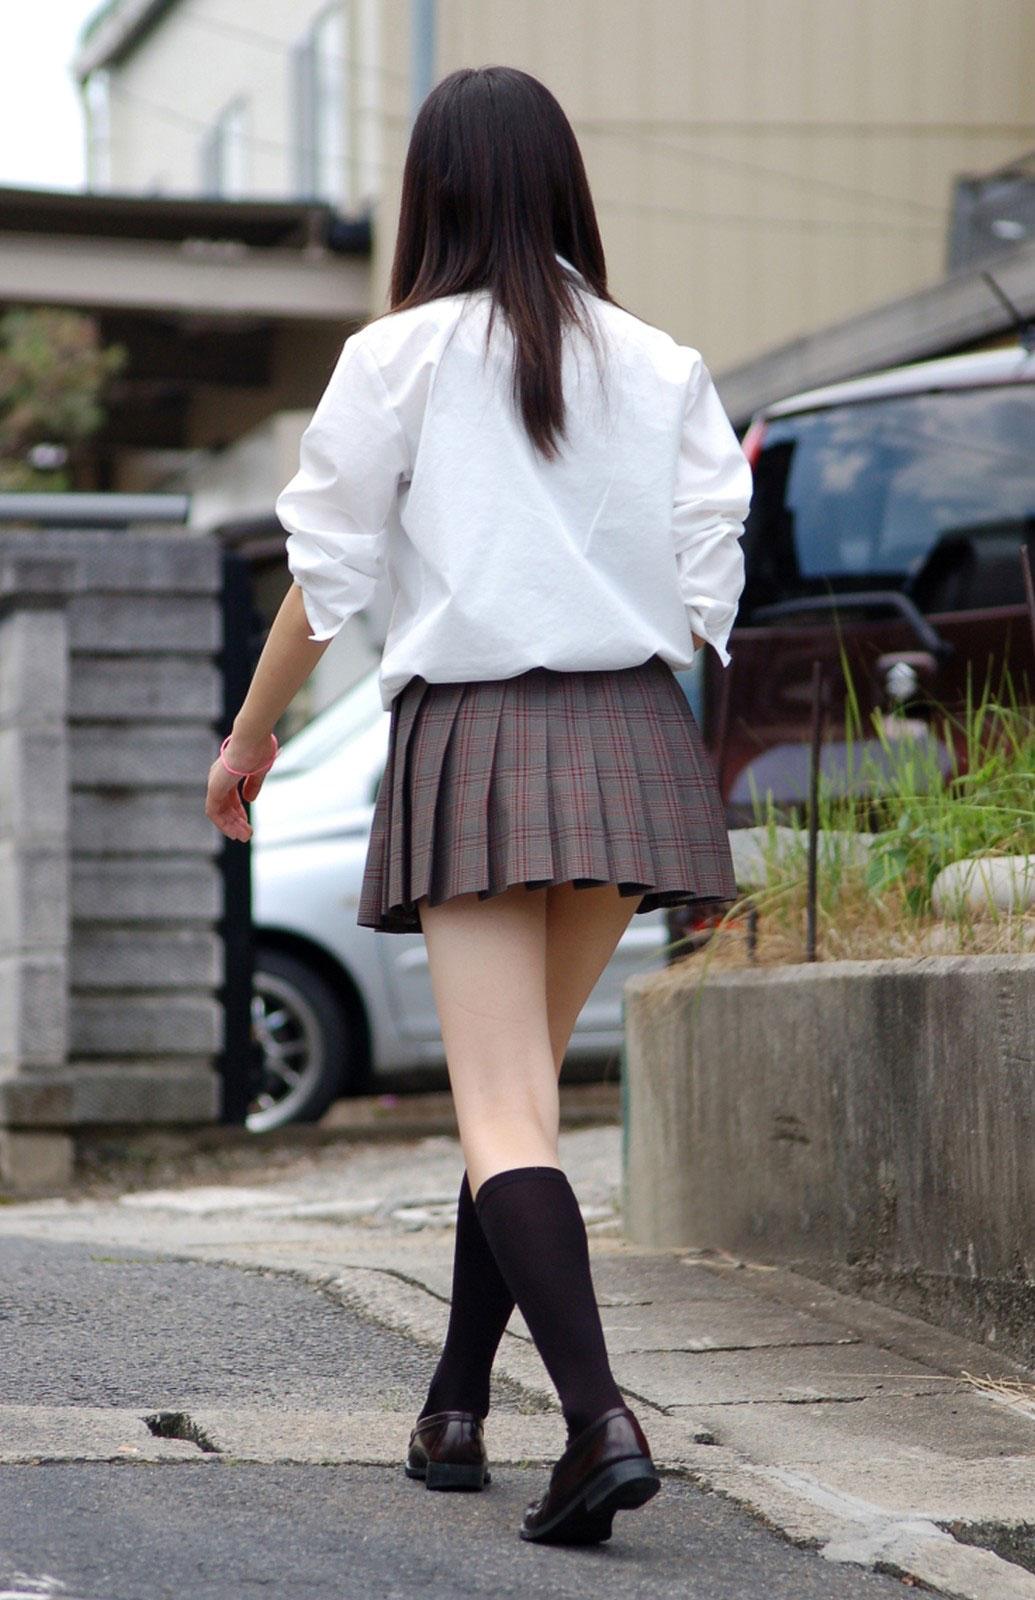 【JKエロ画像】ピチピチの太ももを季節関係なく晒してくれるJKというありがたい存在www 23